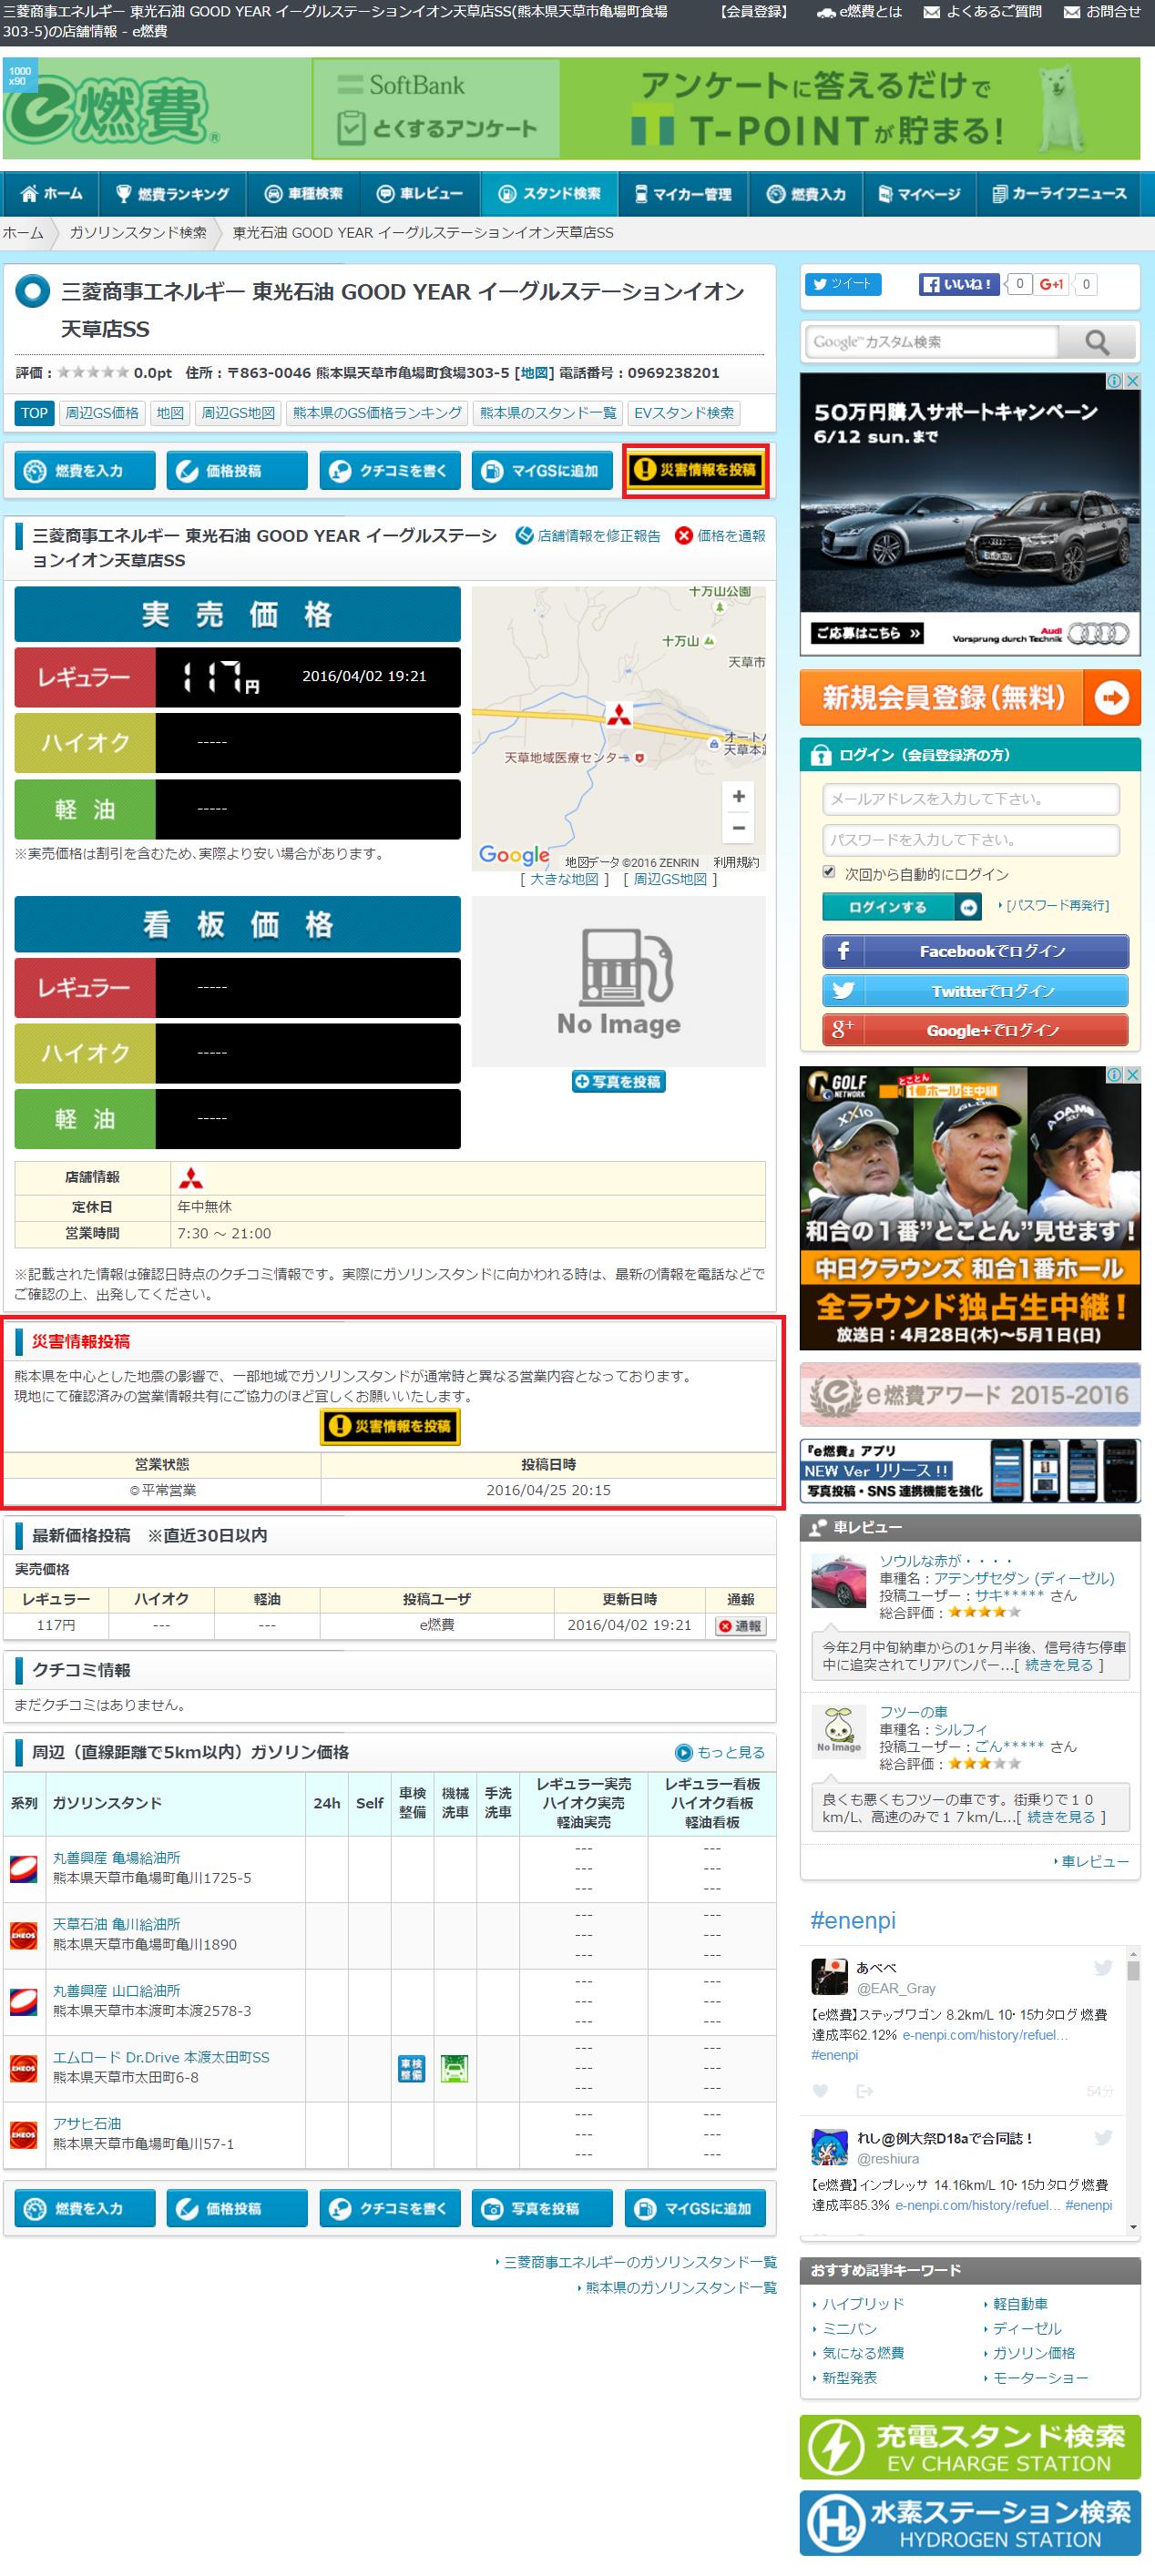 screencapture-e-nenpi-com-gs-shop-44049-1461662264200